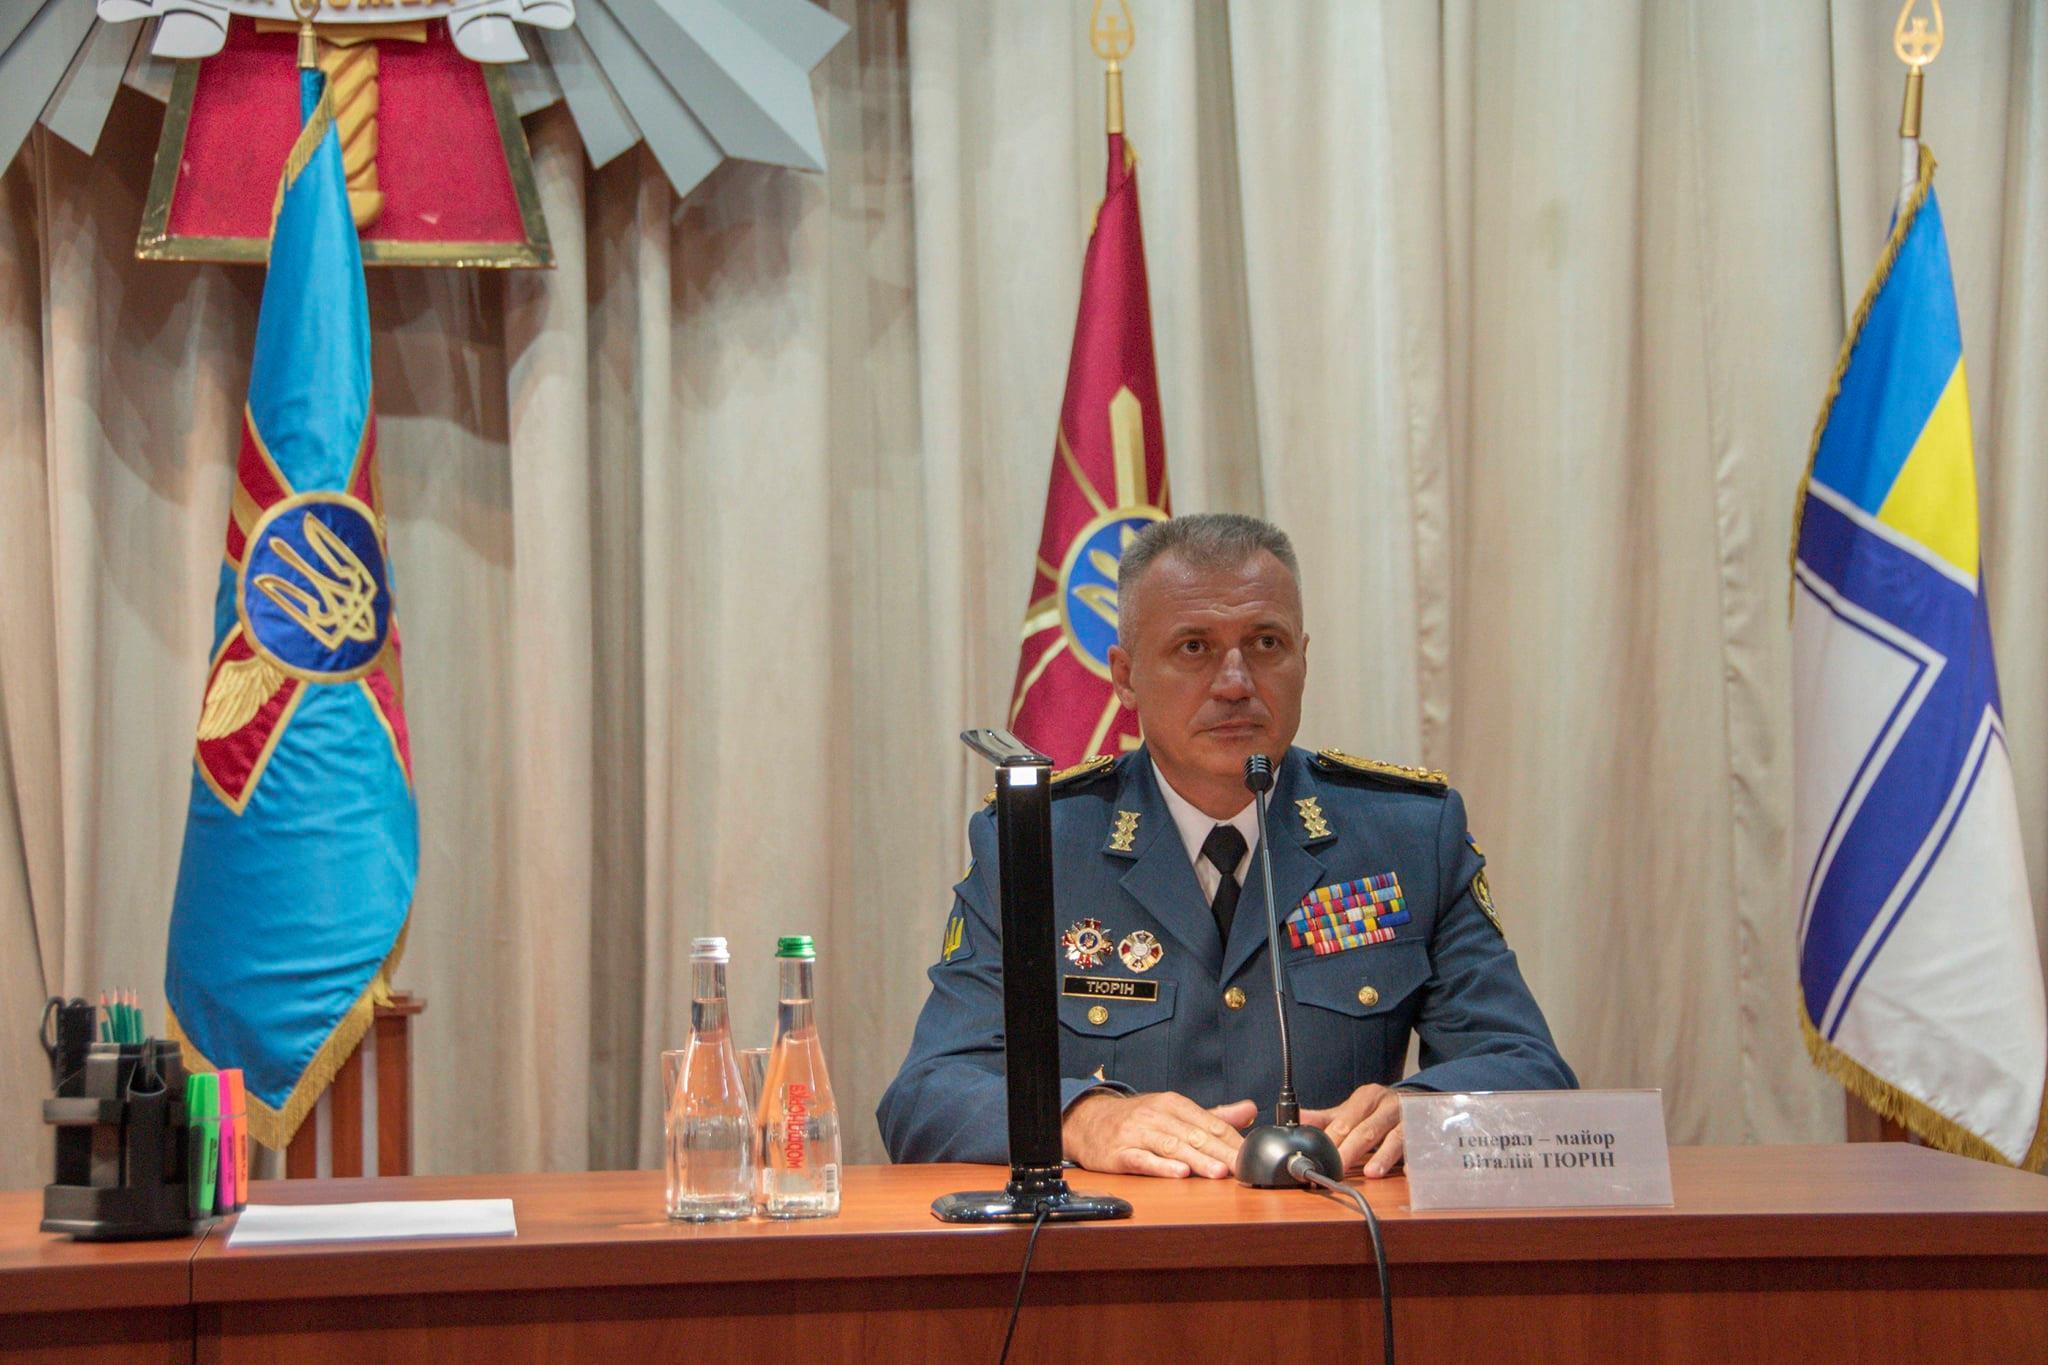 Генерал-майор Виталий Тюрин стал новым руководителем ХНУВС имени Кожедуба